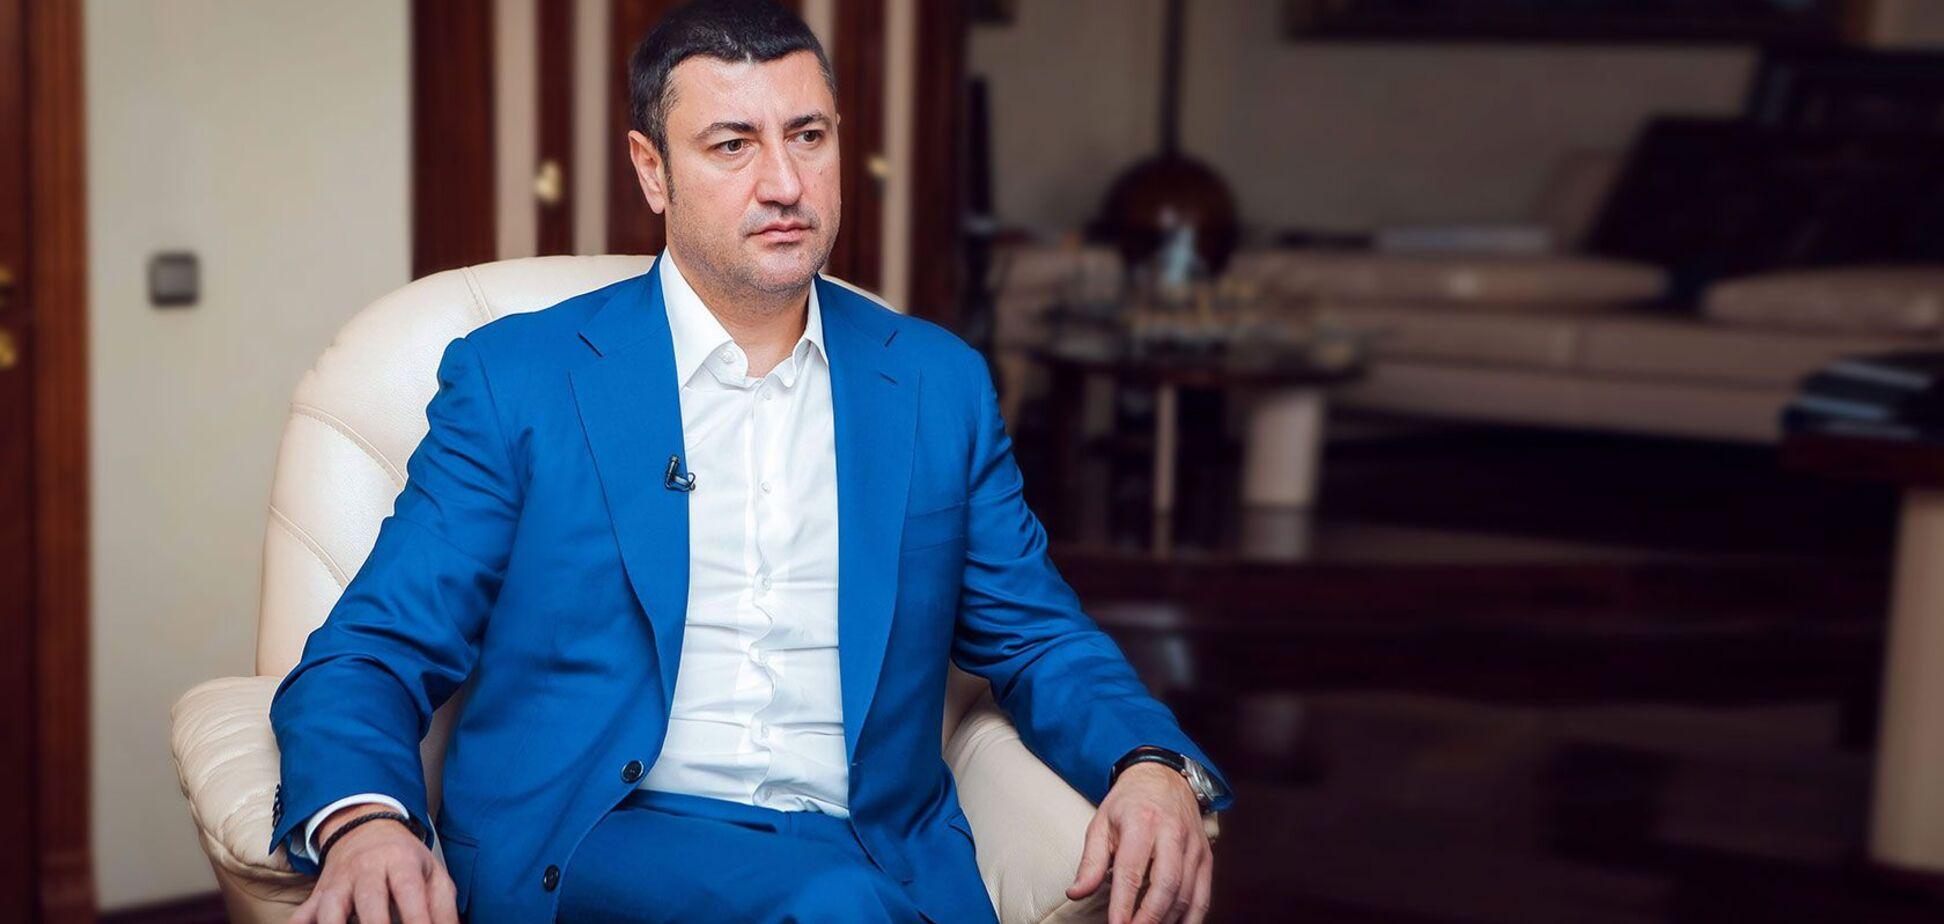 Олег Бахматюк прокомментировал заявление директора НАБУ Сытника